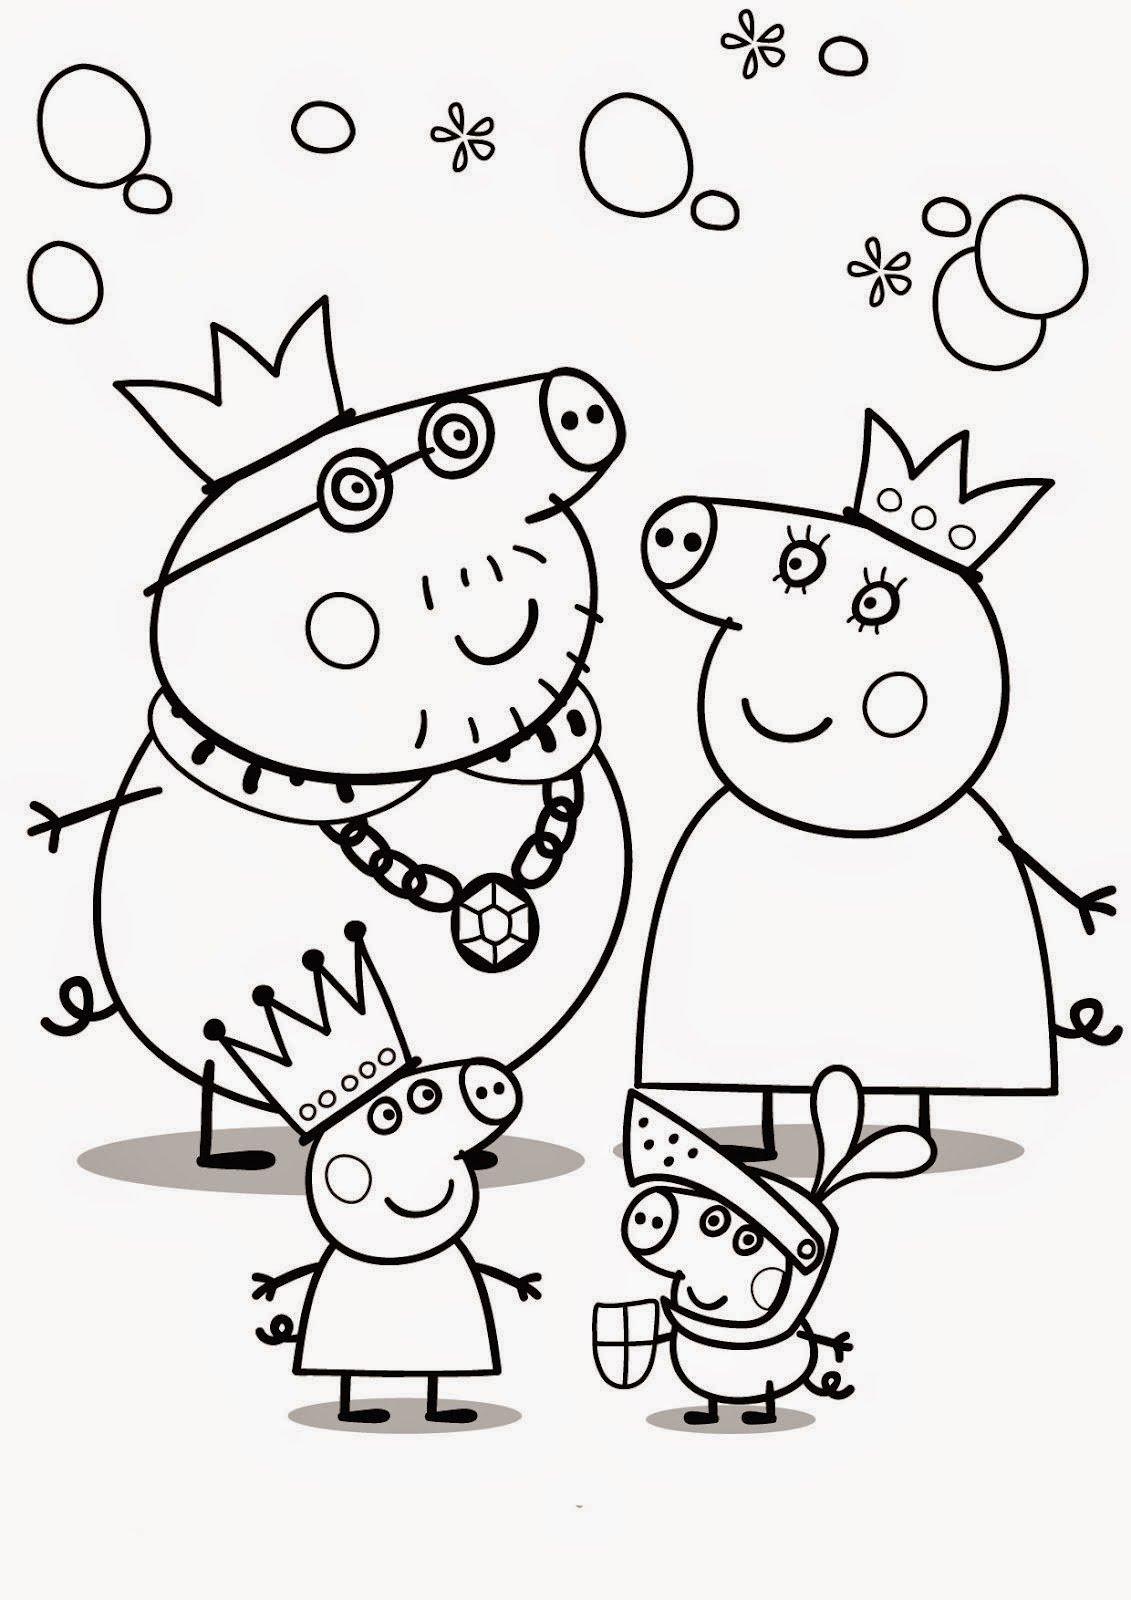 Desenhos Da Peppa Pig Para Colorir, Imprimir, Pintar